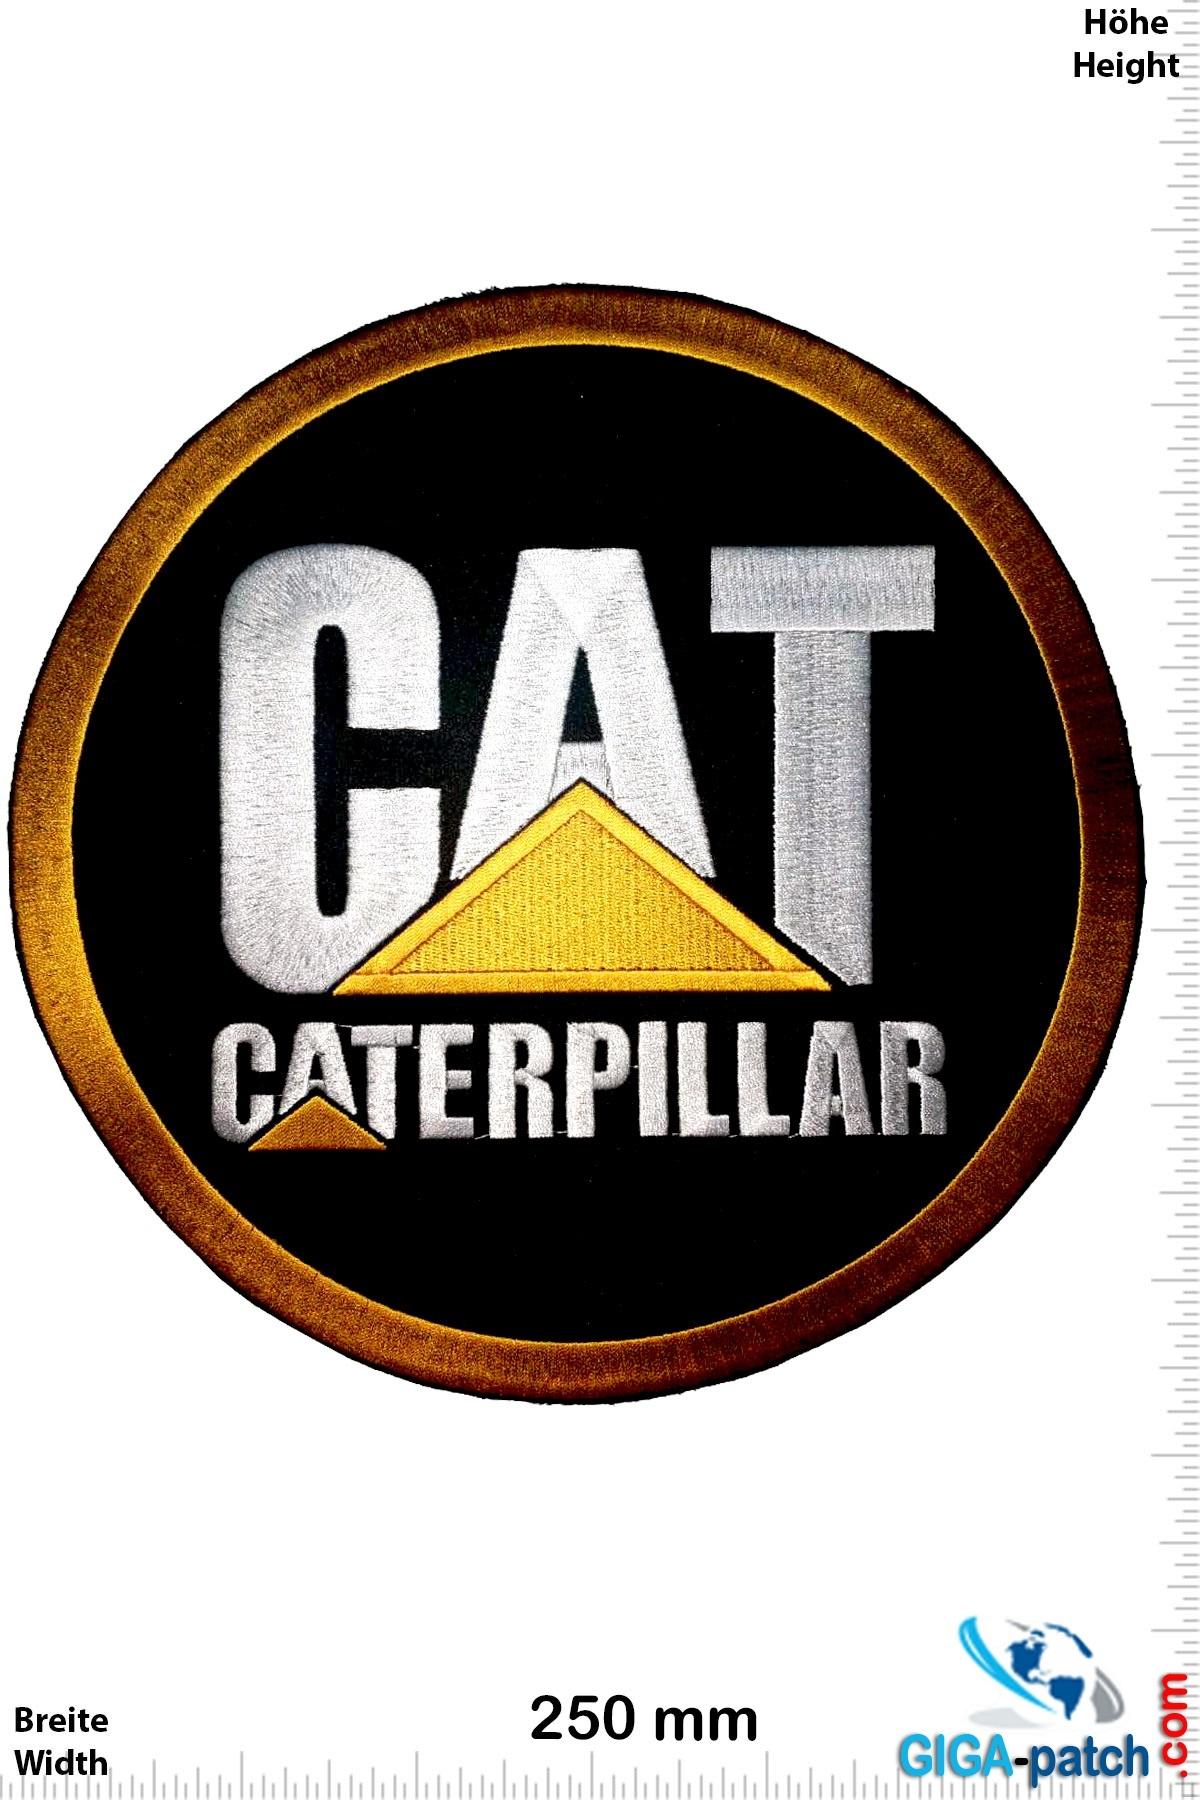 CAT - Caterpillar -  25 cm